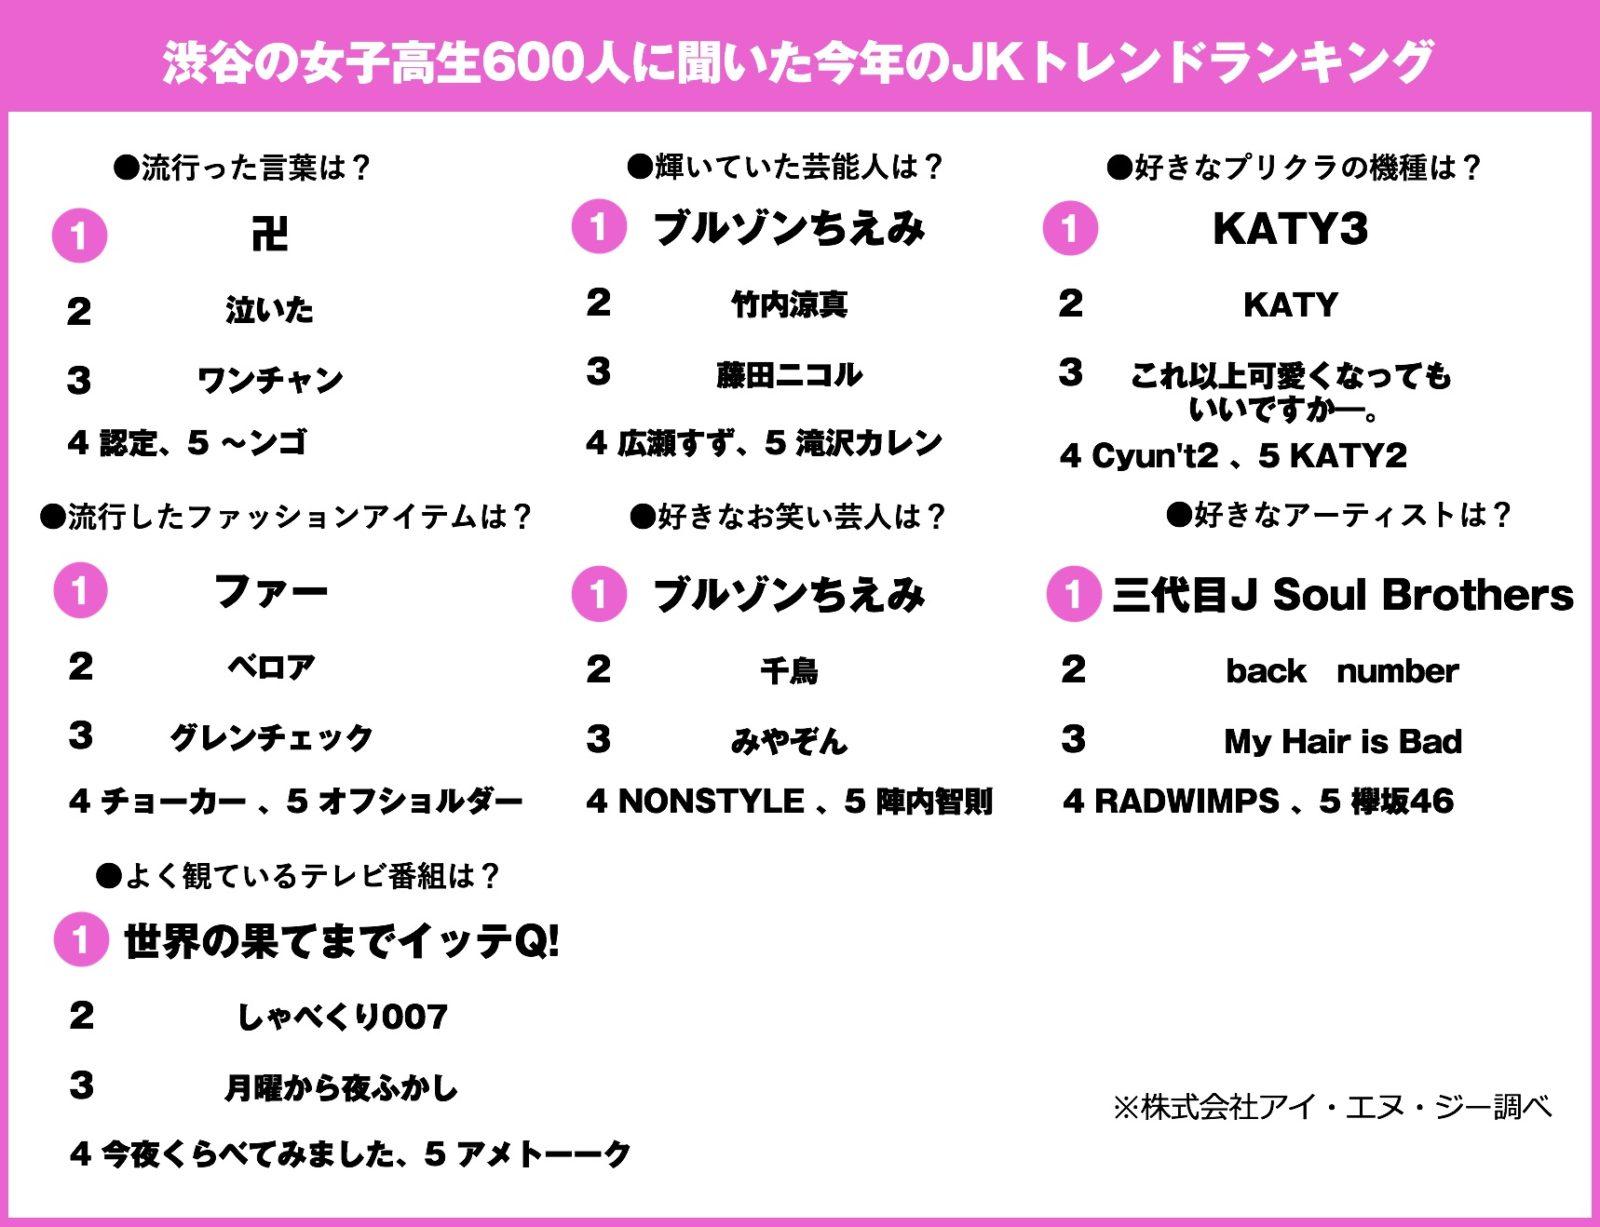 ブルゾンちえみが2部門で1位獲得!渋谷の女子高生600人に聞いた「今年のJKトレンドランキング」好きなアーティストNo.1はあの大人気グループサムネイル画像